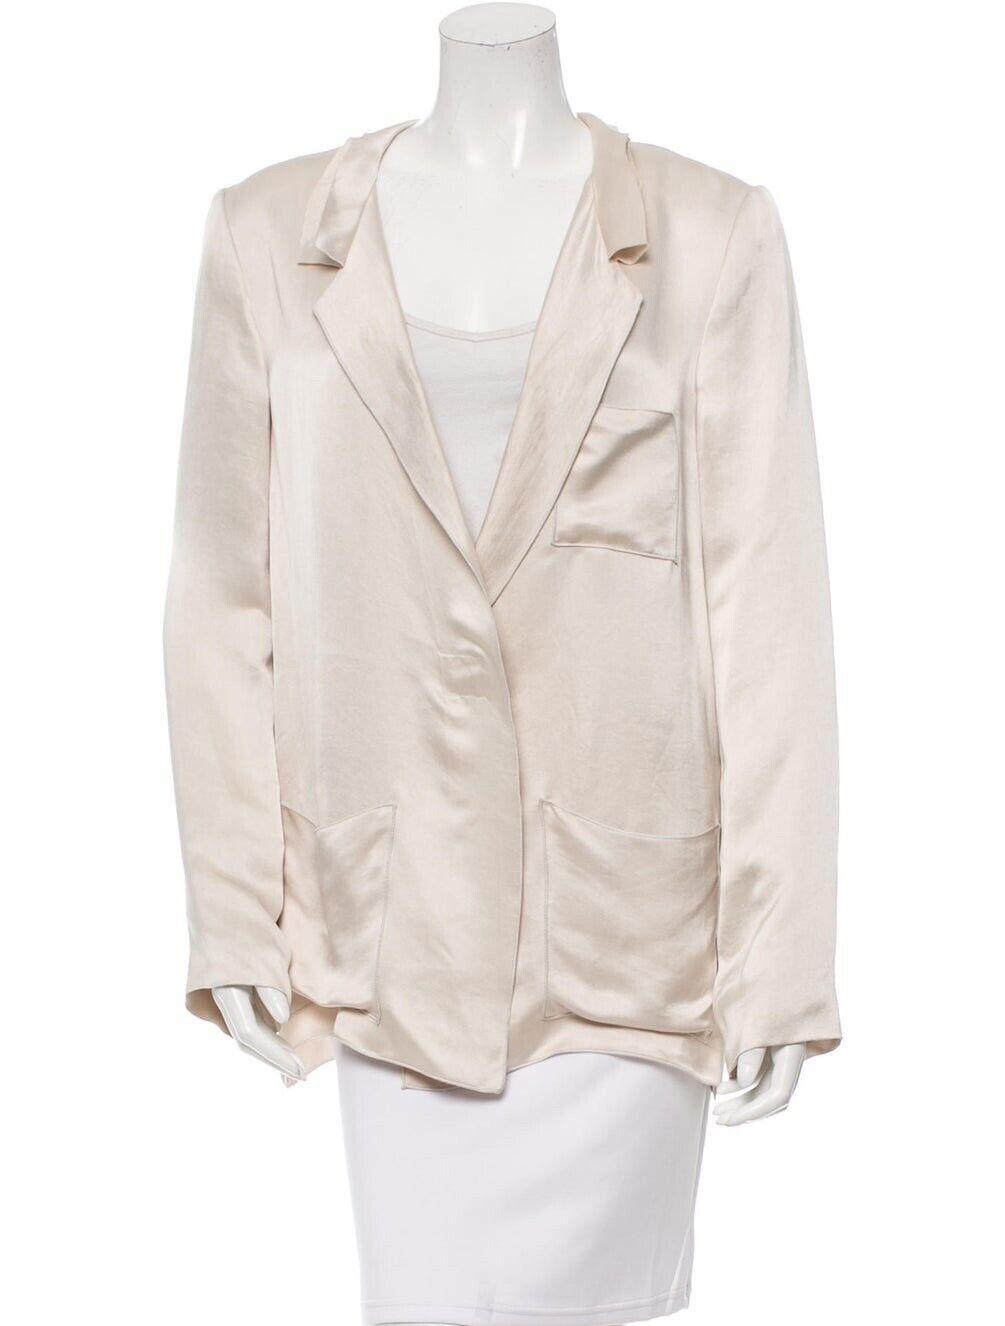 LANVIN Runway blancoo Marfil Seda Metálico Blazer Chaqueta de abrigo  azulsa Prenda para el torso S 2 Beige  compra limitada